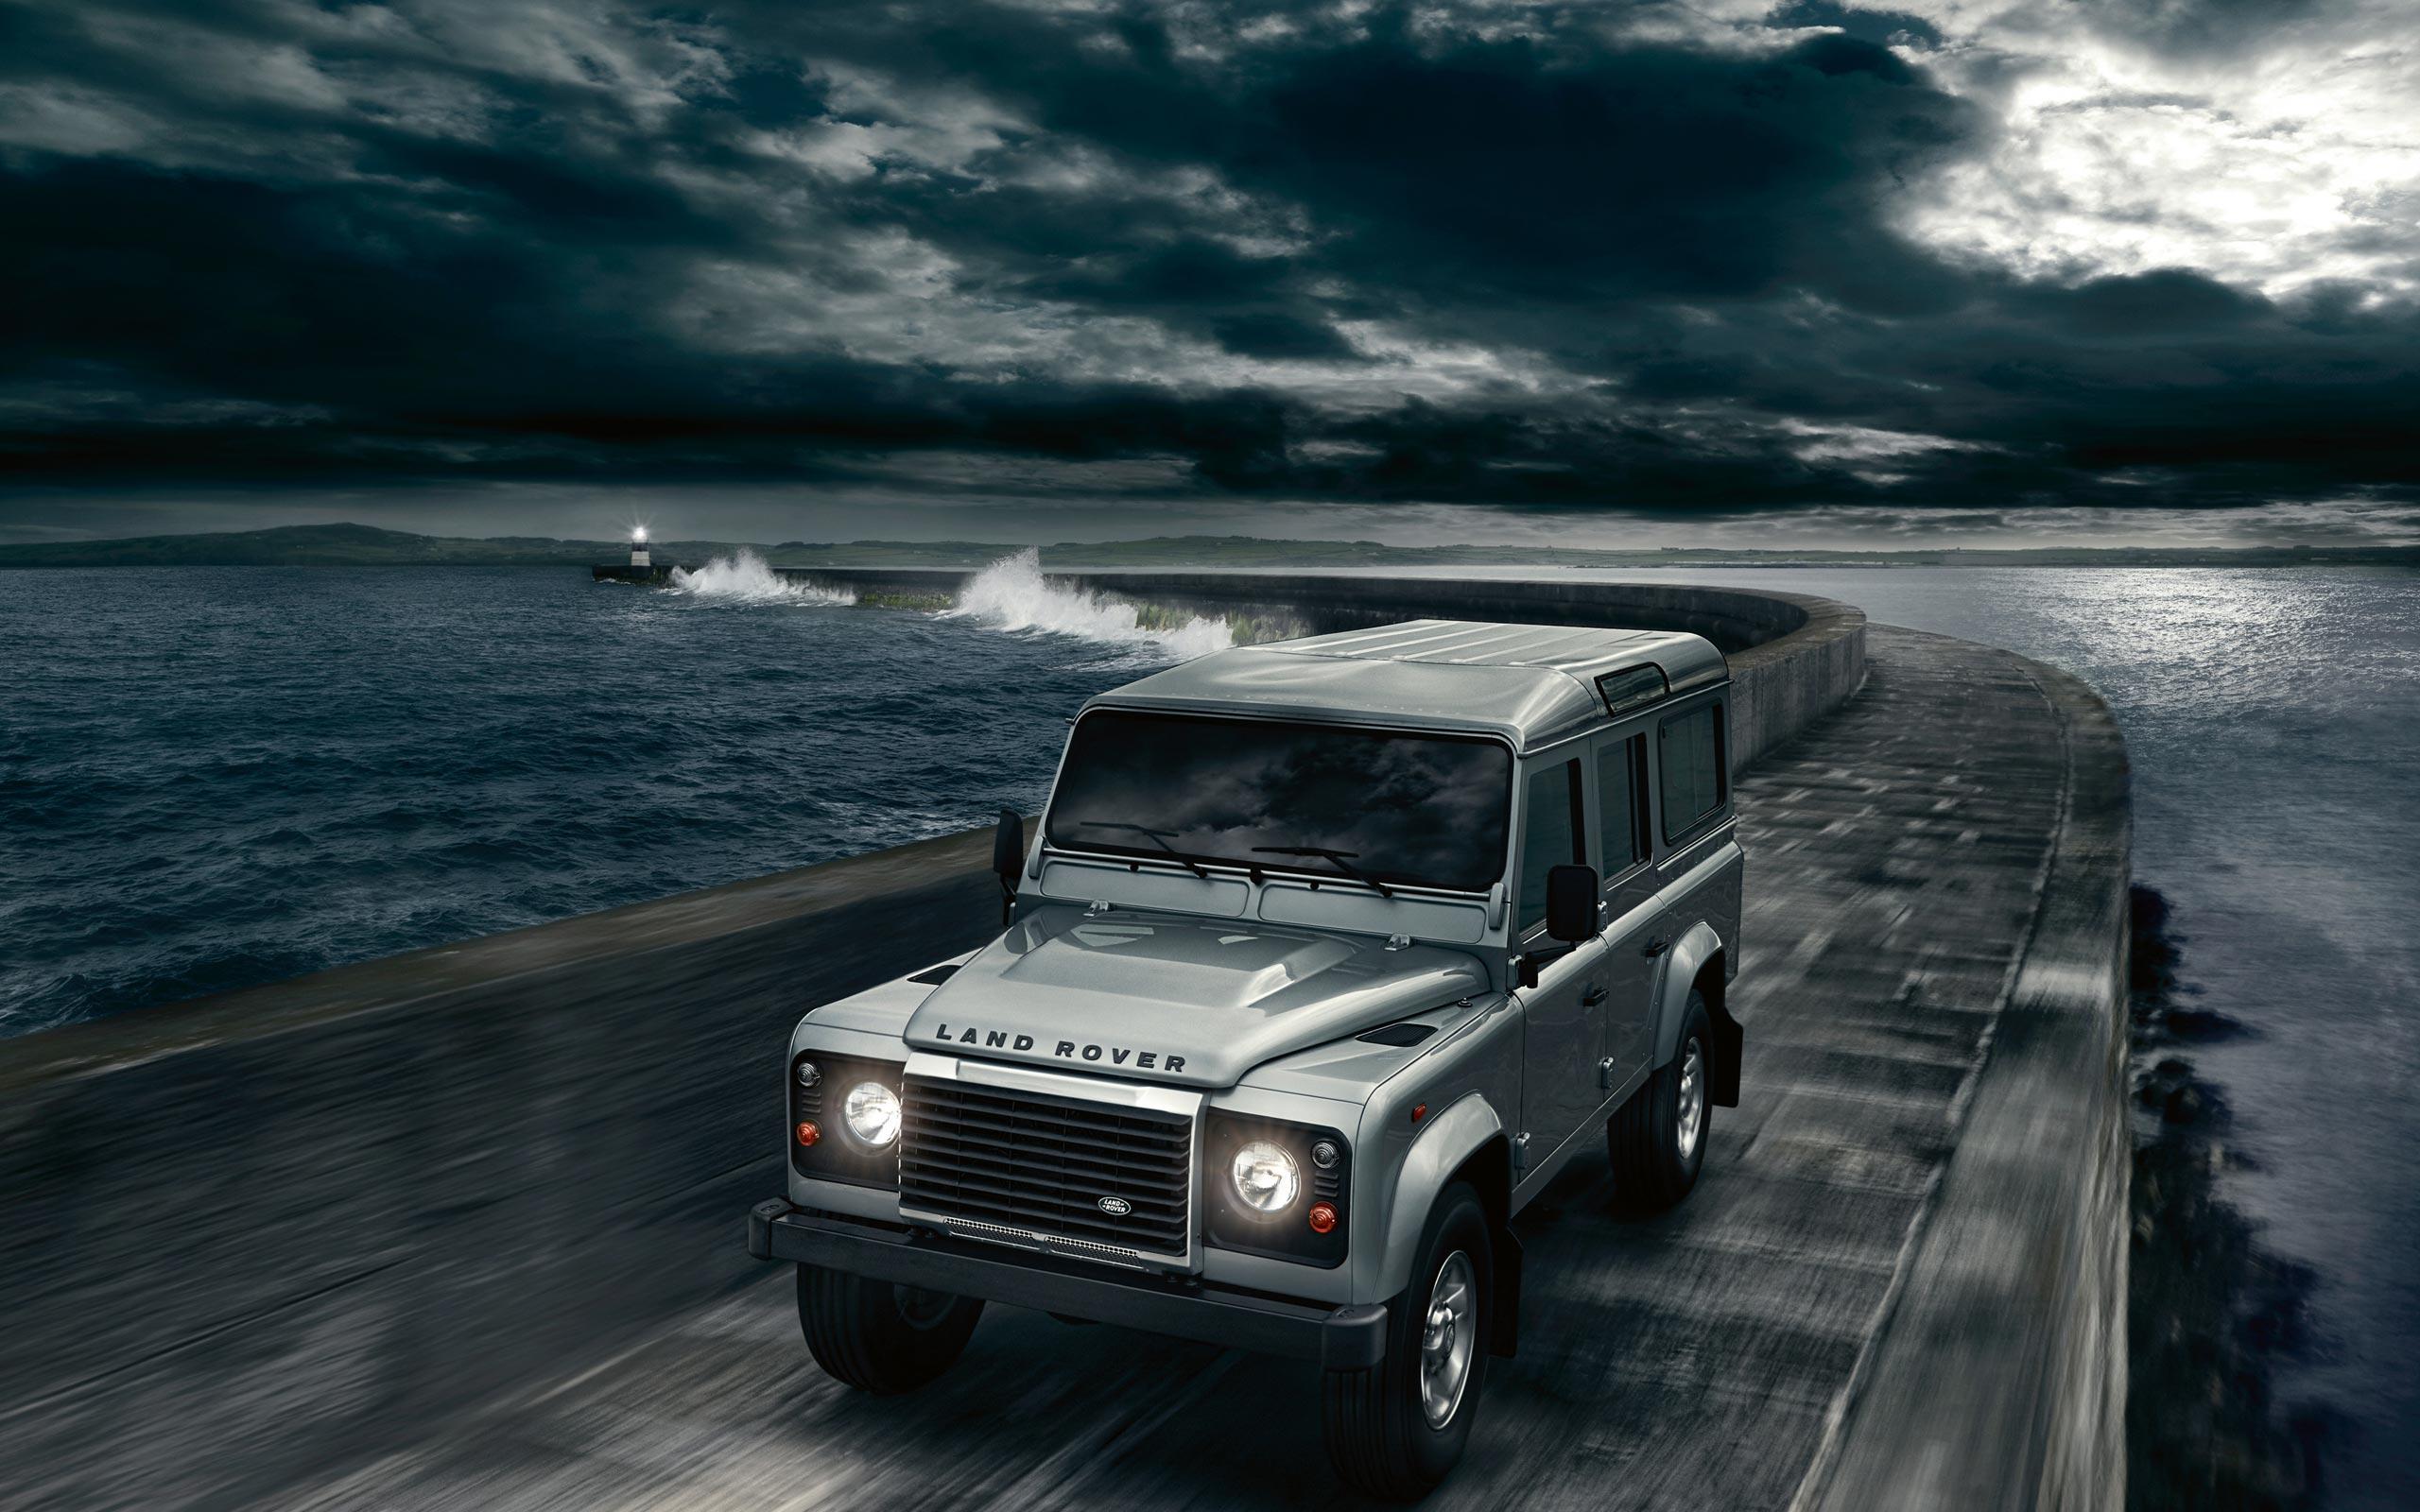 Land Rover Defender Wallpapers Wallpapersafari